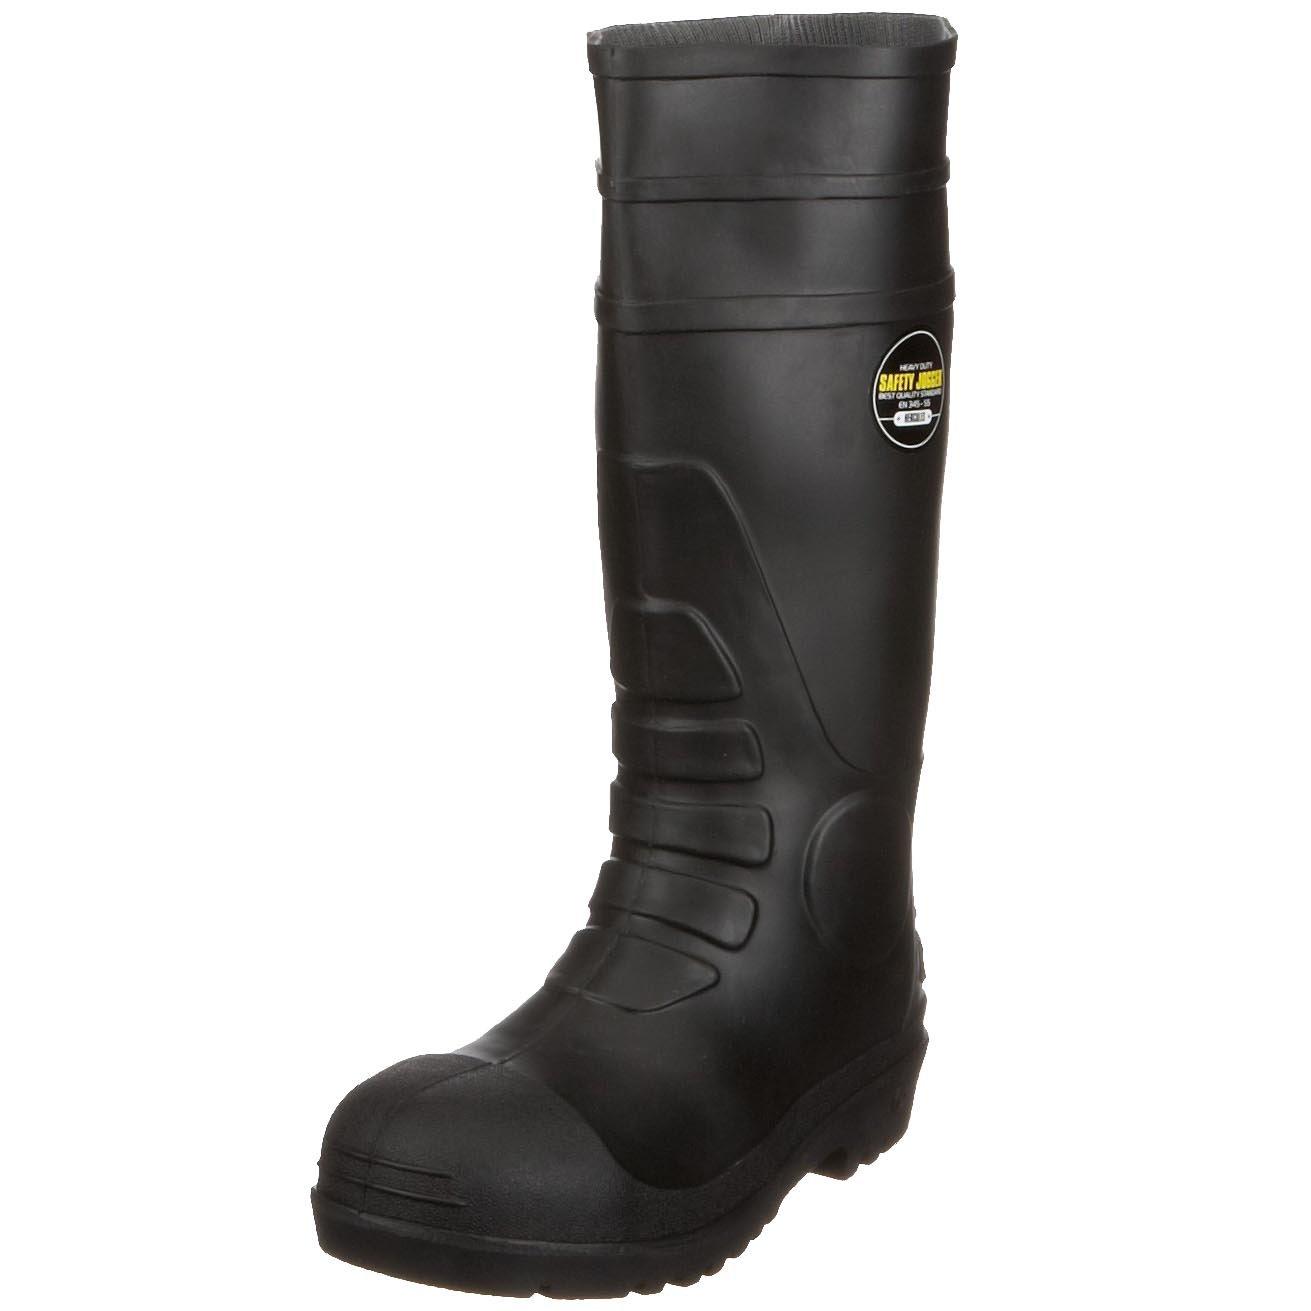 Saftey Jogger HERCULES, Chaussures de sécurité mixte adulte Chaussures de sécurité mixte adulte Cortina n.v.